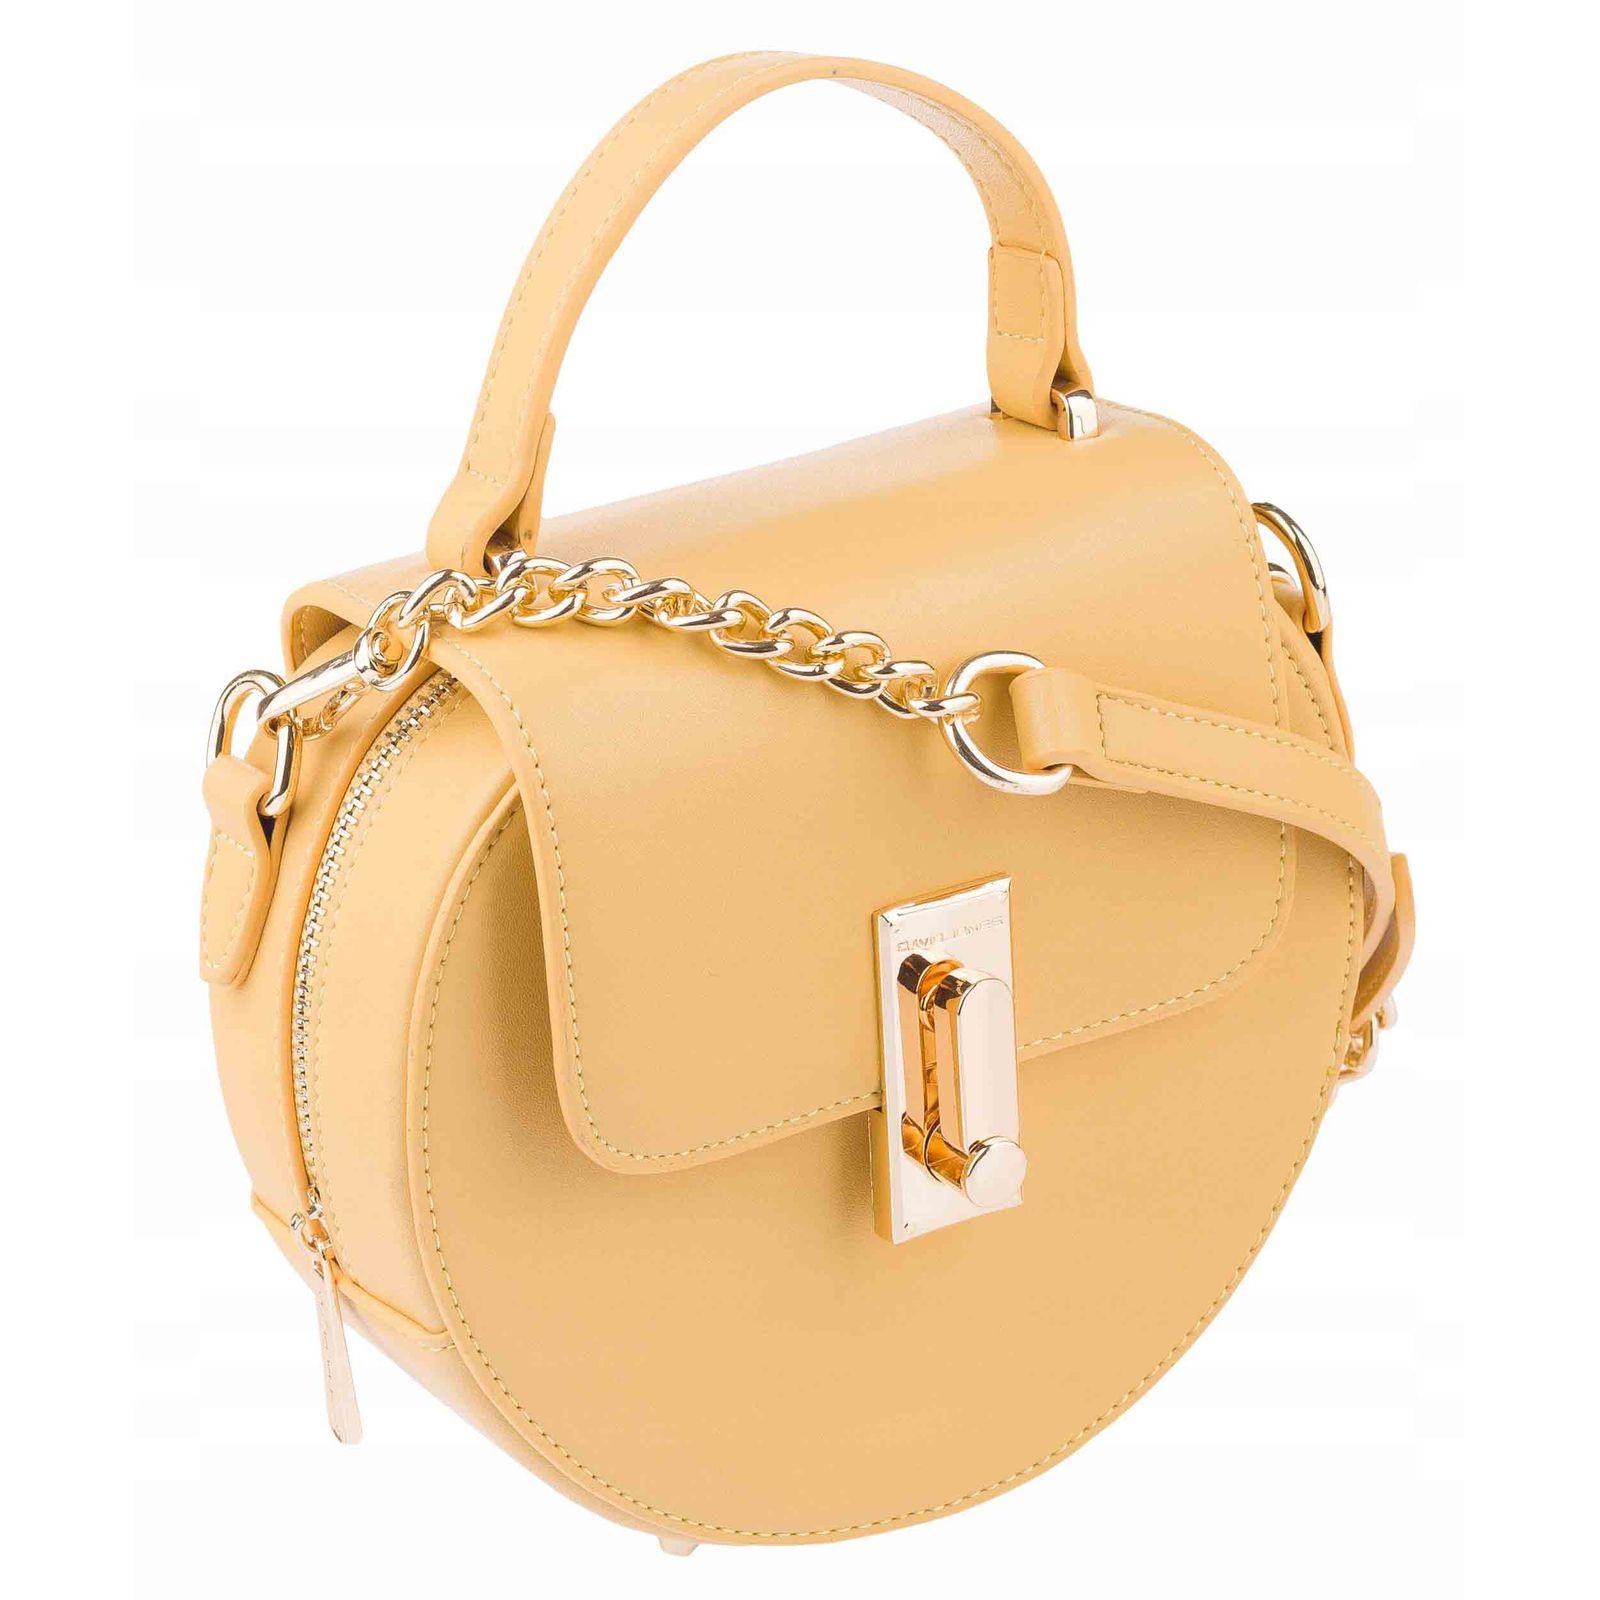 کیف رو دوشی زنانه دیوید جونز مدل 5655 -  - 17